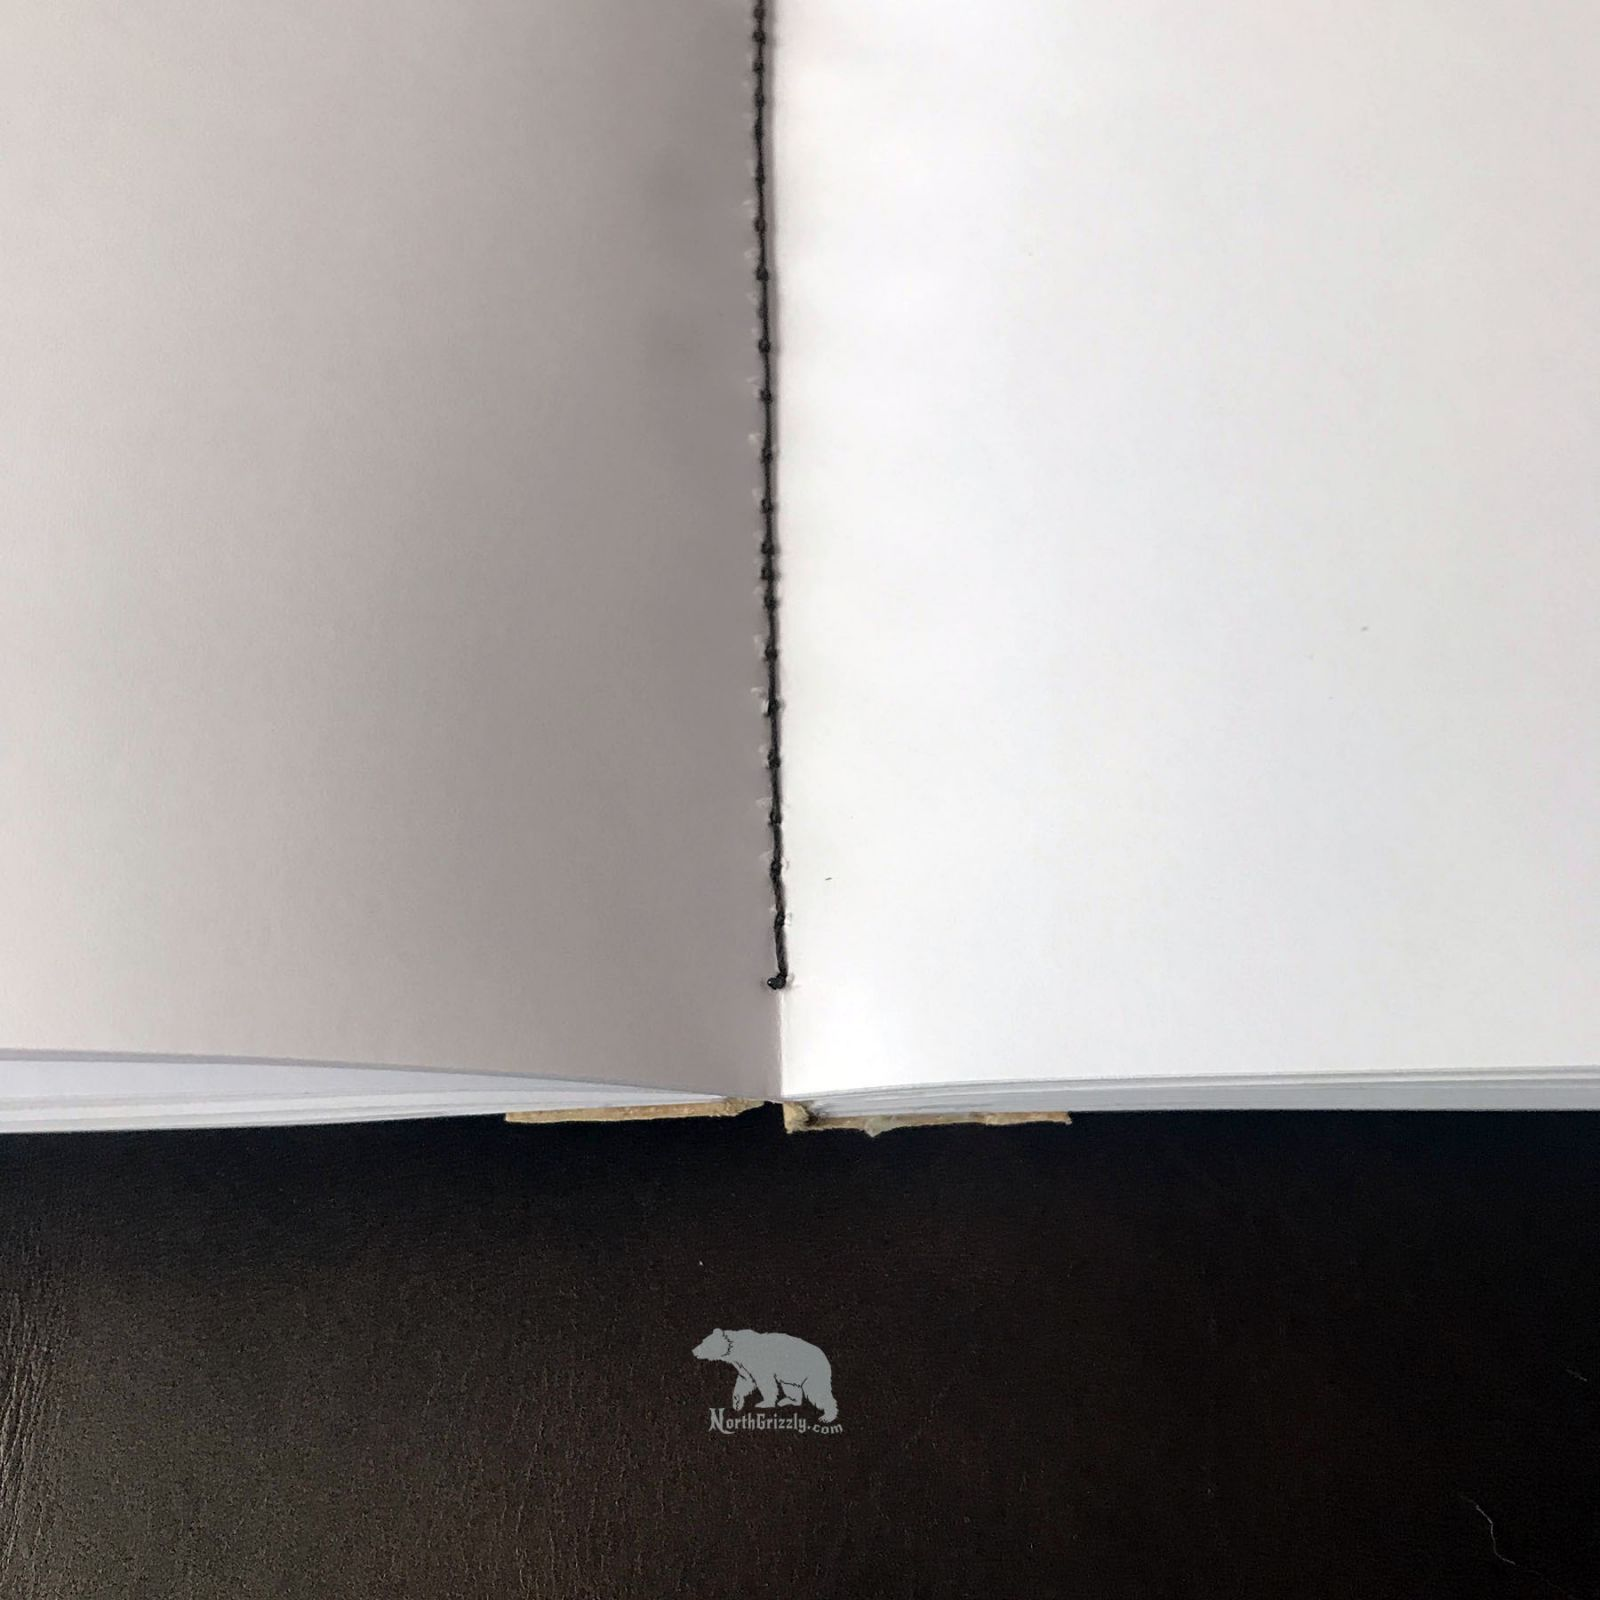 rankomis rista popieriaus knyga uzrasine dienorastis darbo knyga balti lapai ranku darbo dovanos vyrams 2523